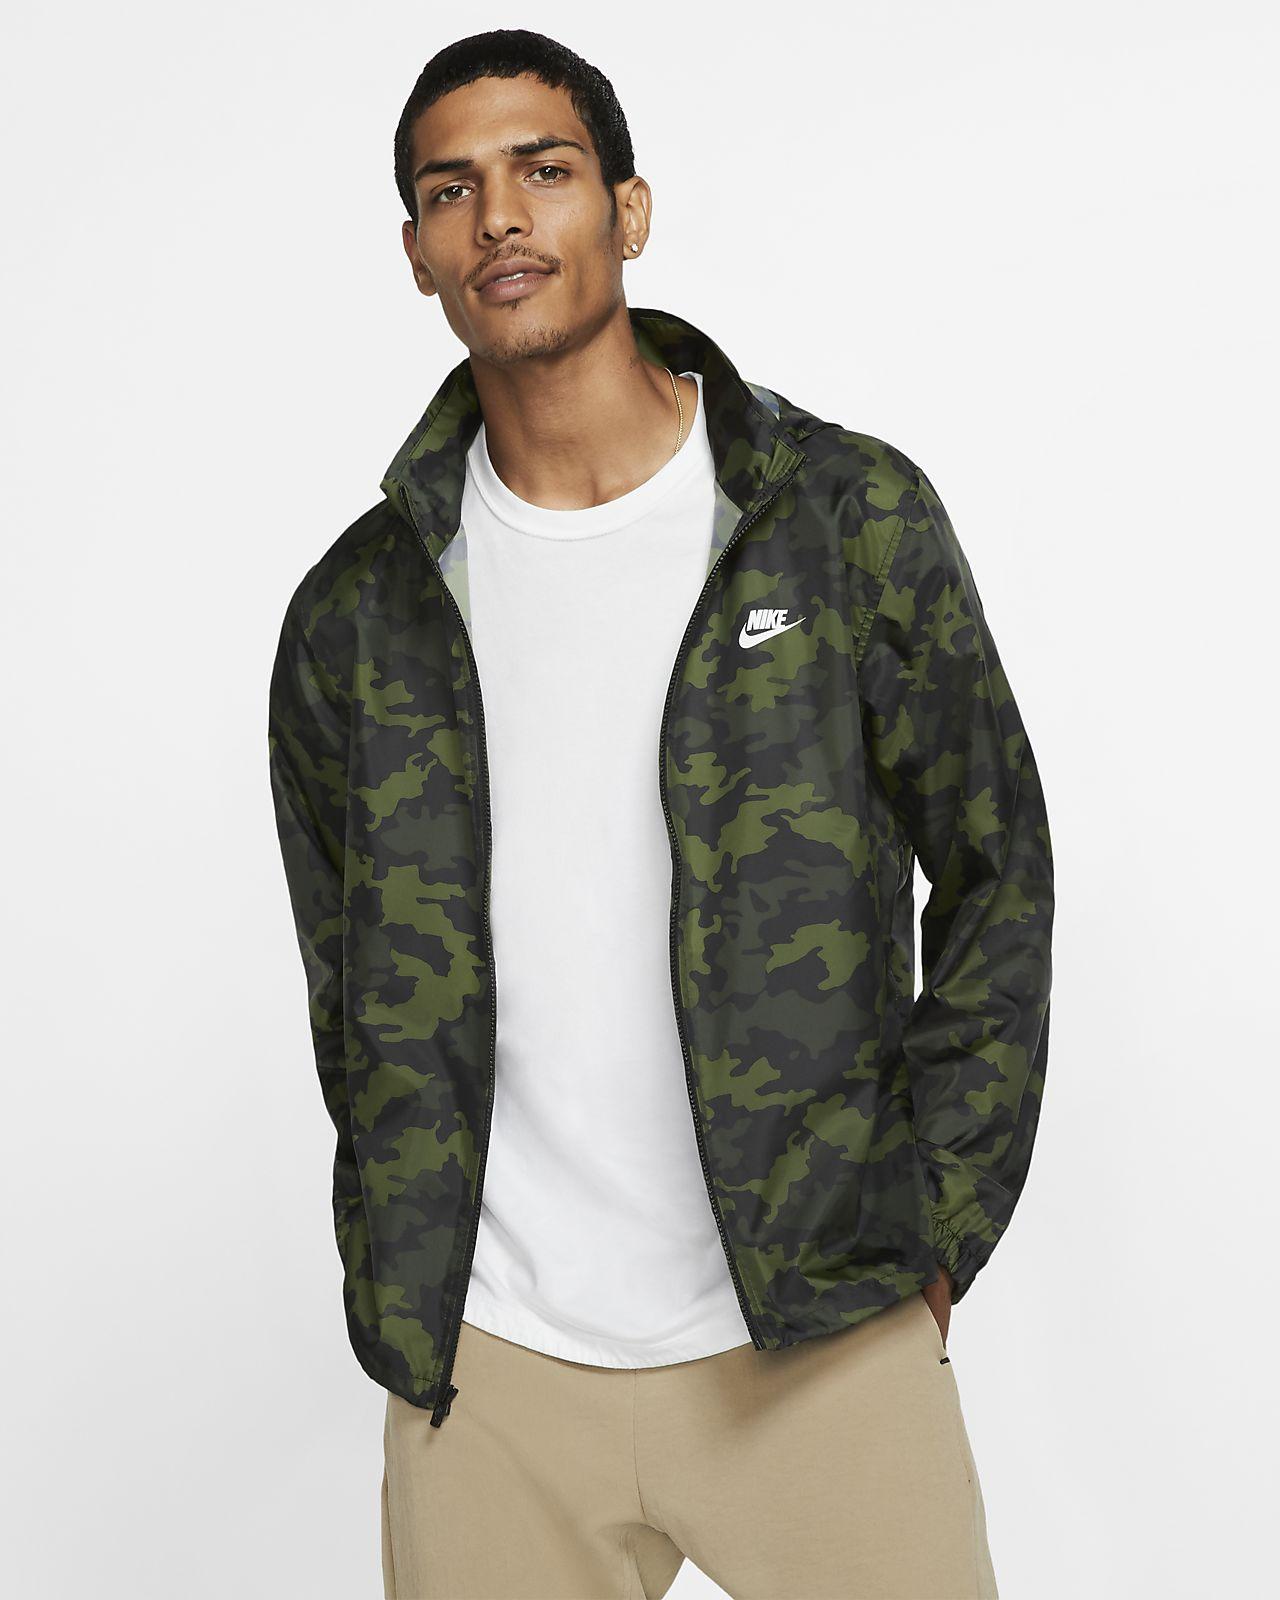 Kamouflagemönstrad huvjacka Nike Sportswear för män